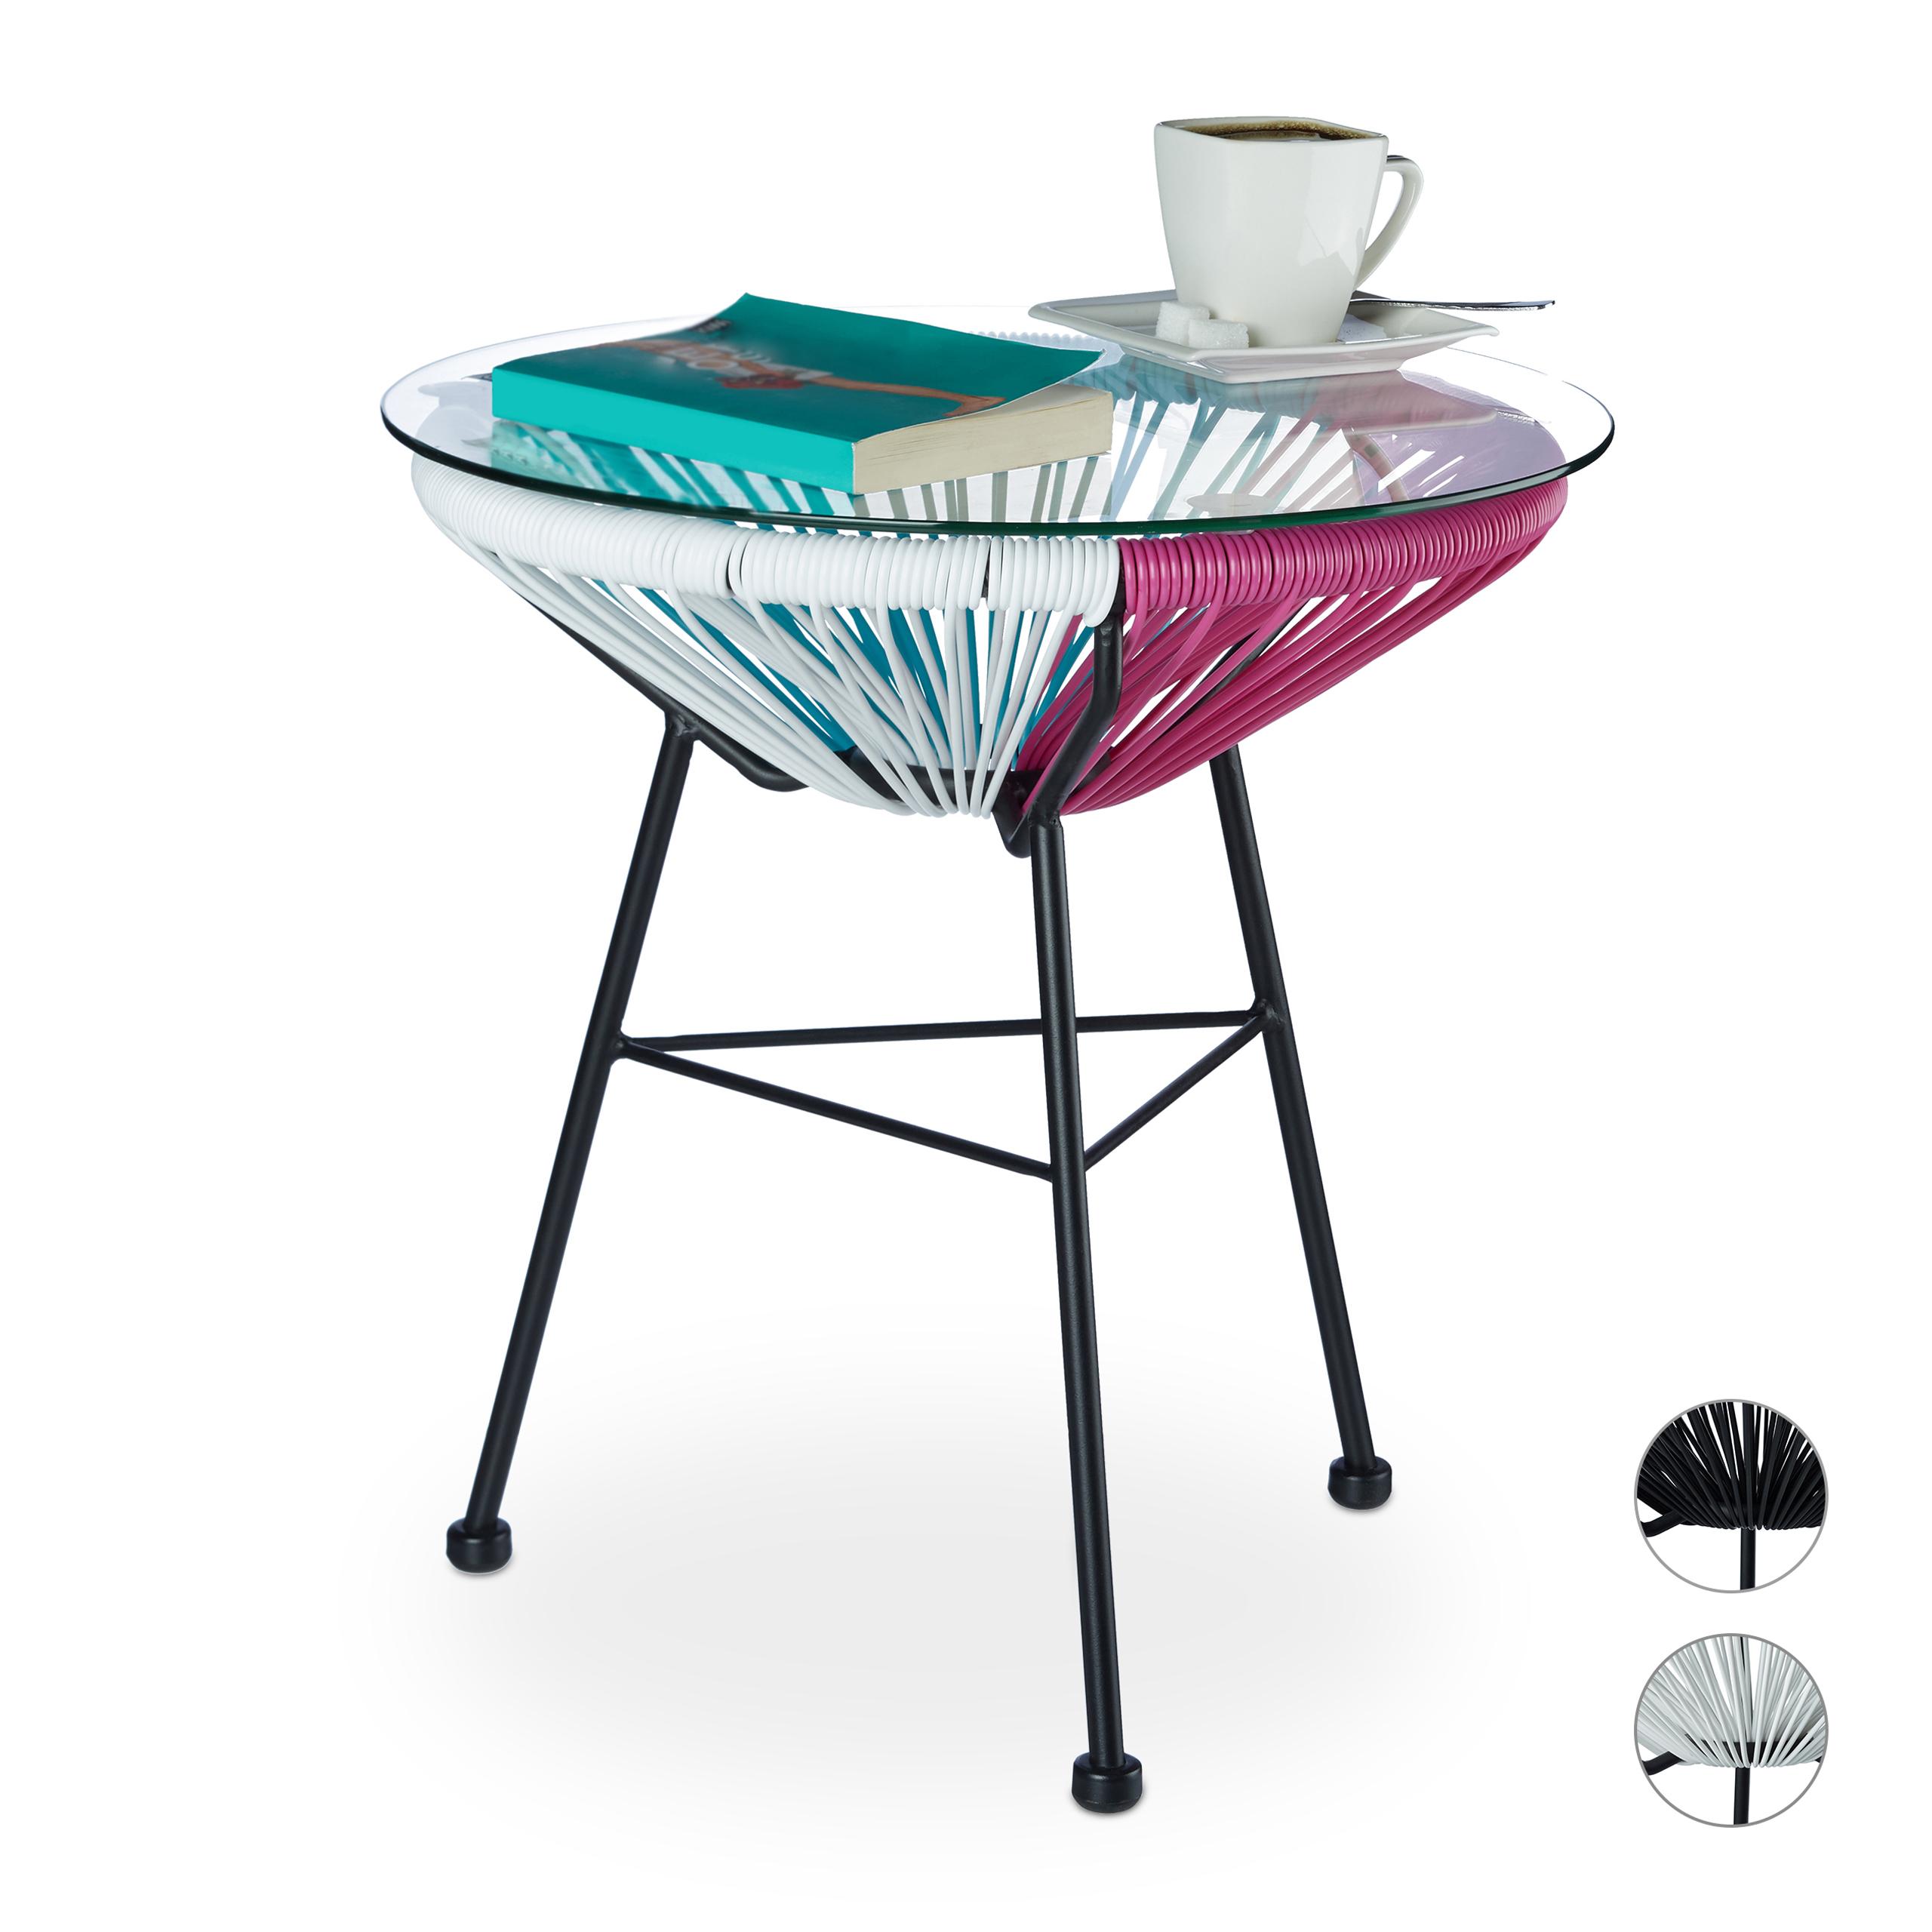 Tavolino-RAYA-salotto-giardino-balcone-rotondo-superficie-in-vetro-piccolo